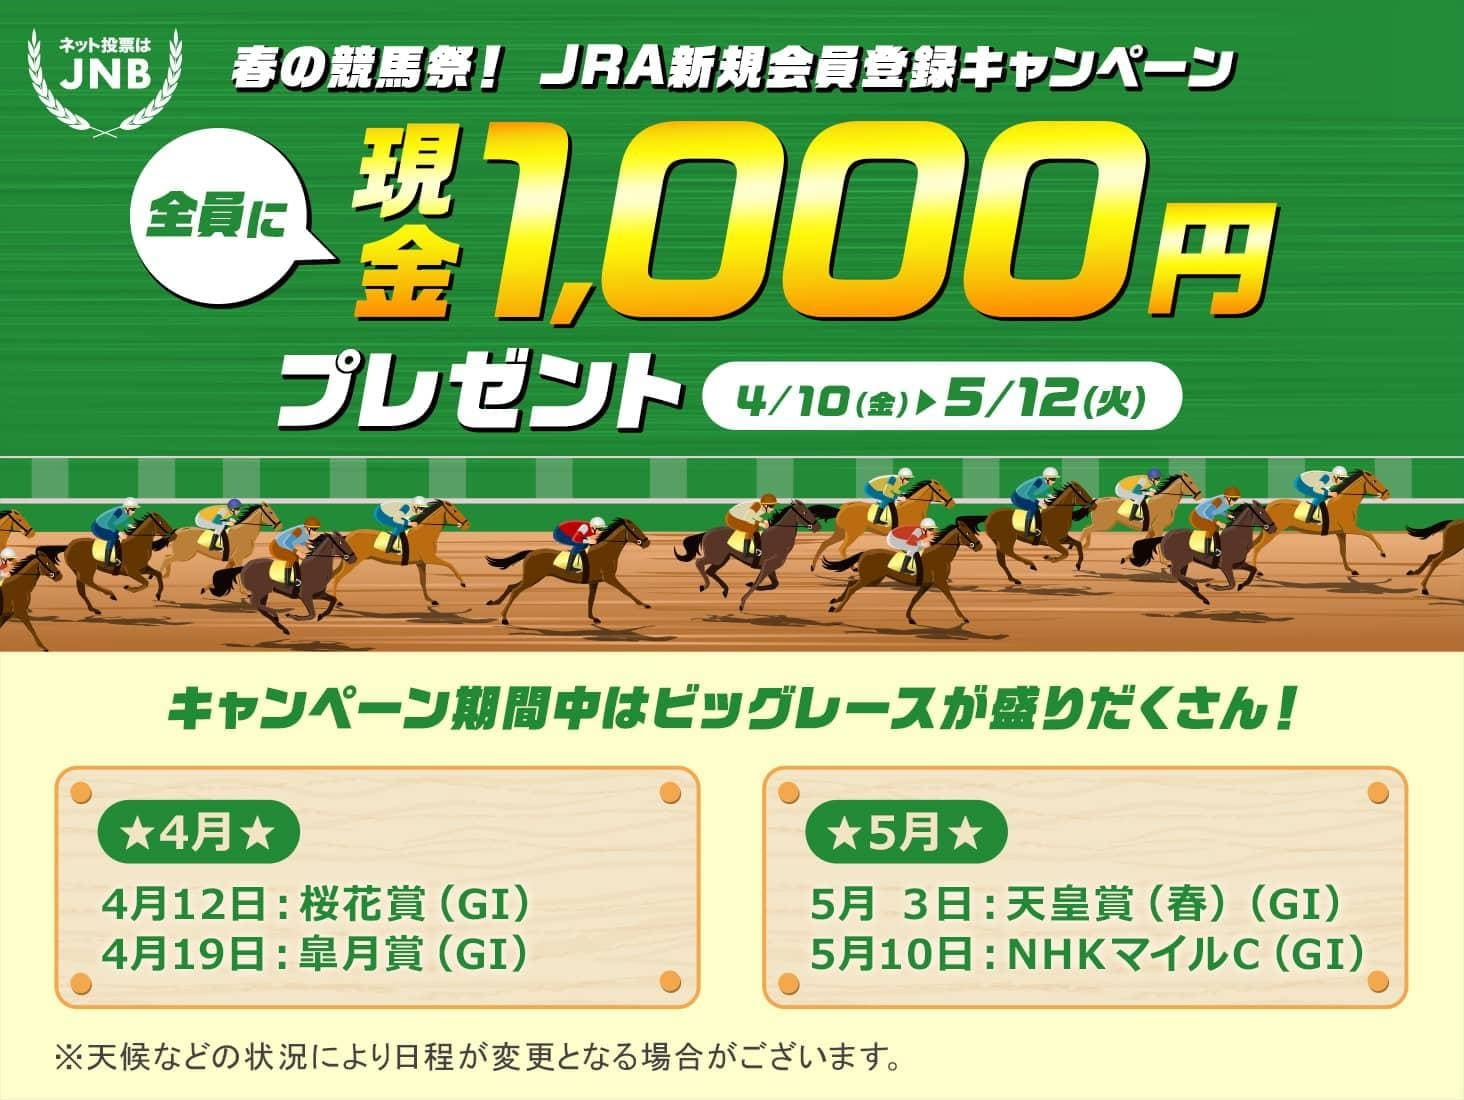 春の競馬祭!JRA新規会員登録キャンペーン